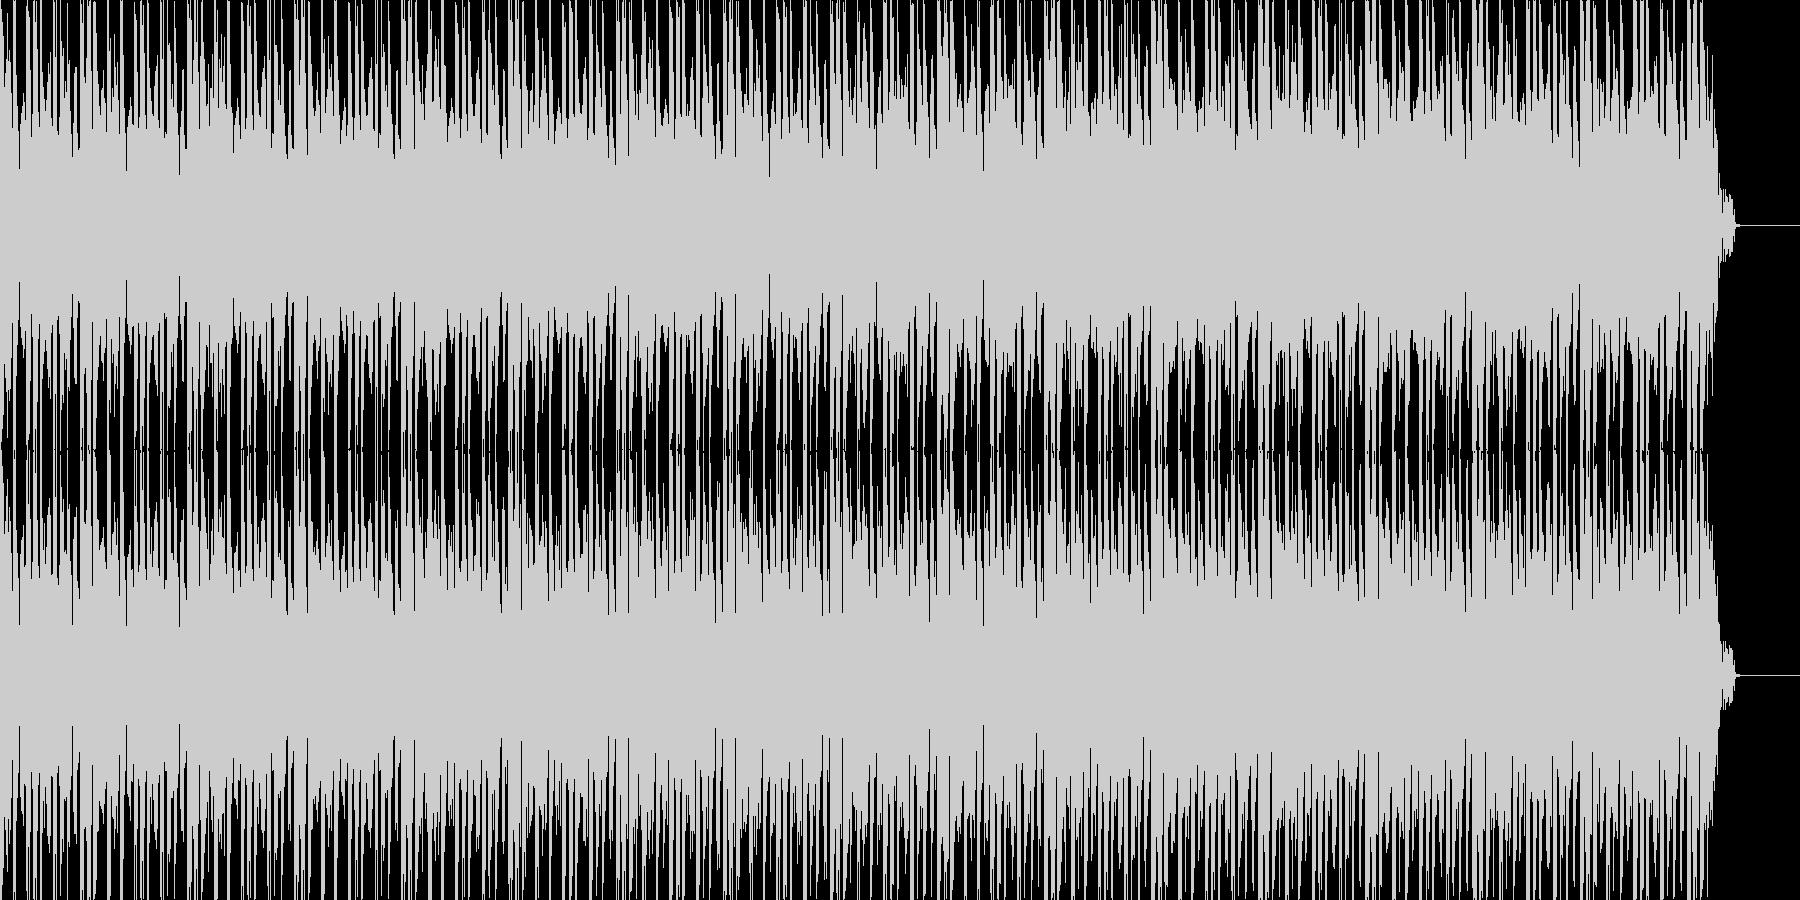 ワクワクするようなゲーム音楽風テクノの未再生の波形